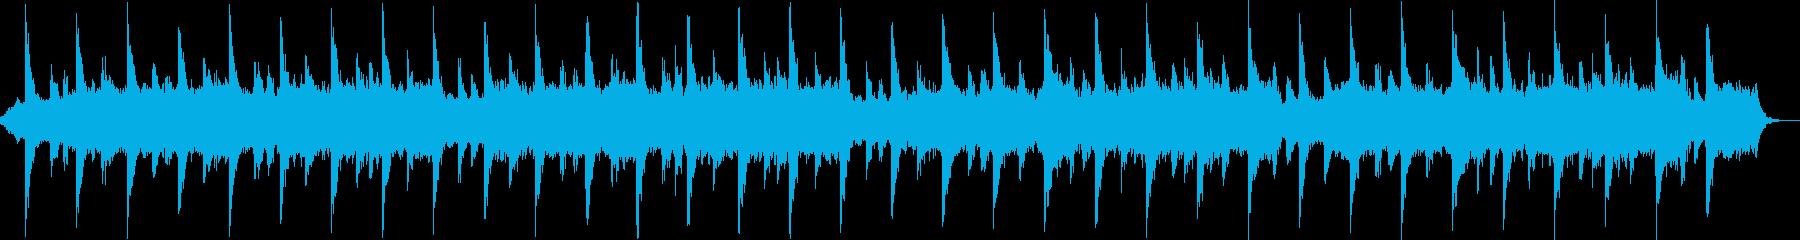 アンビエント ピアノ テクスチャー 瞑想の再生済みの波形